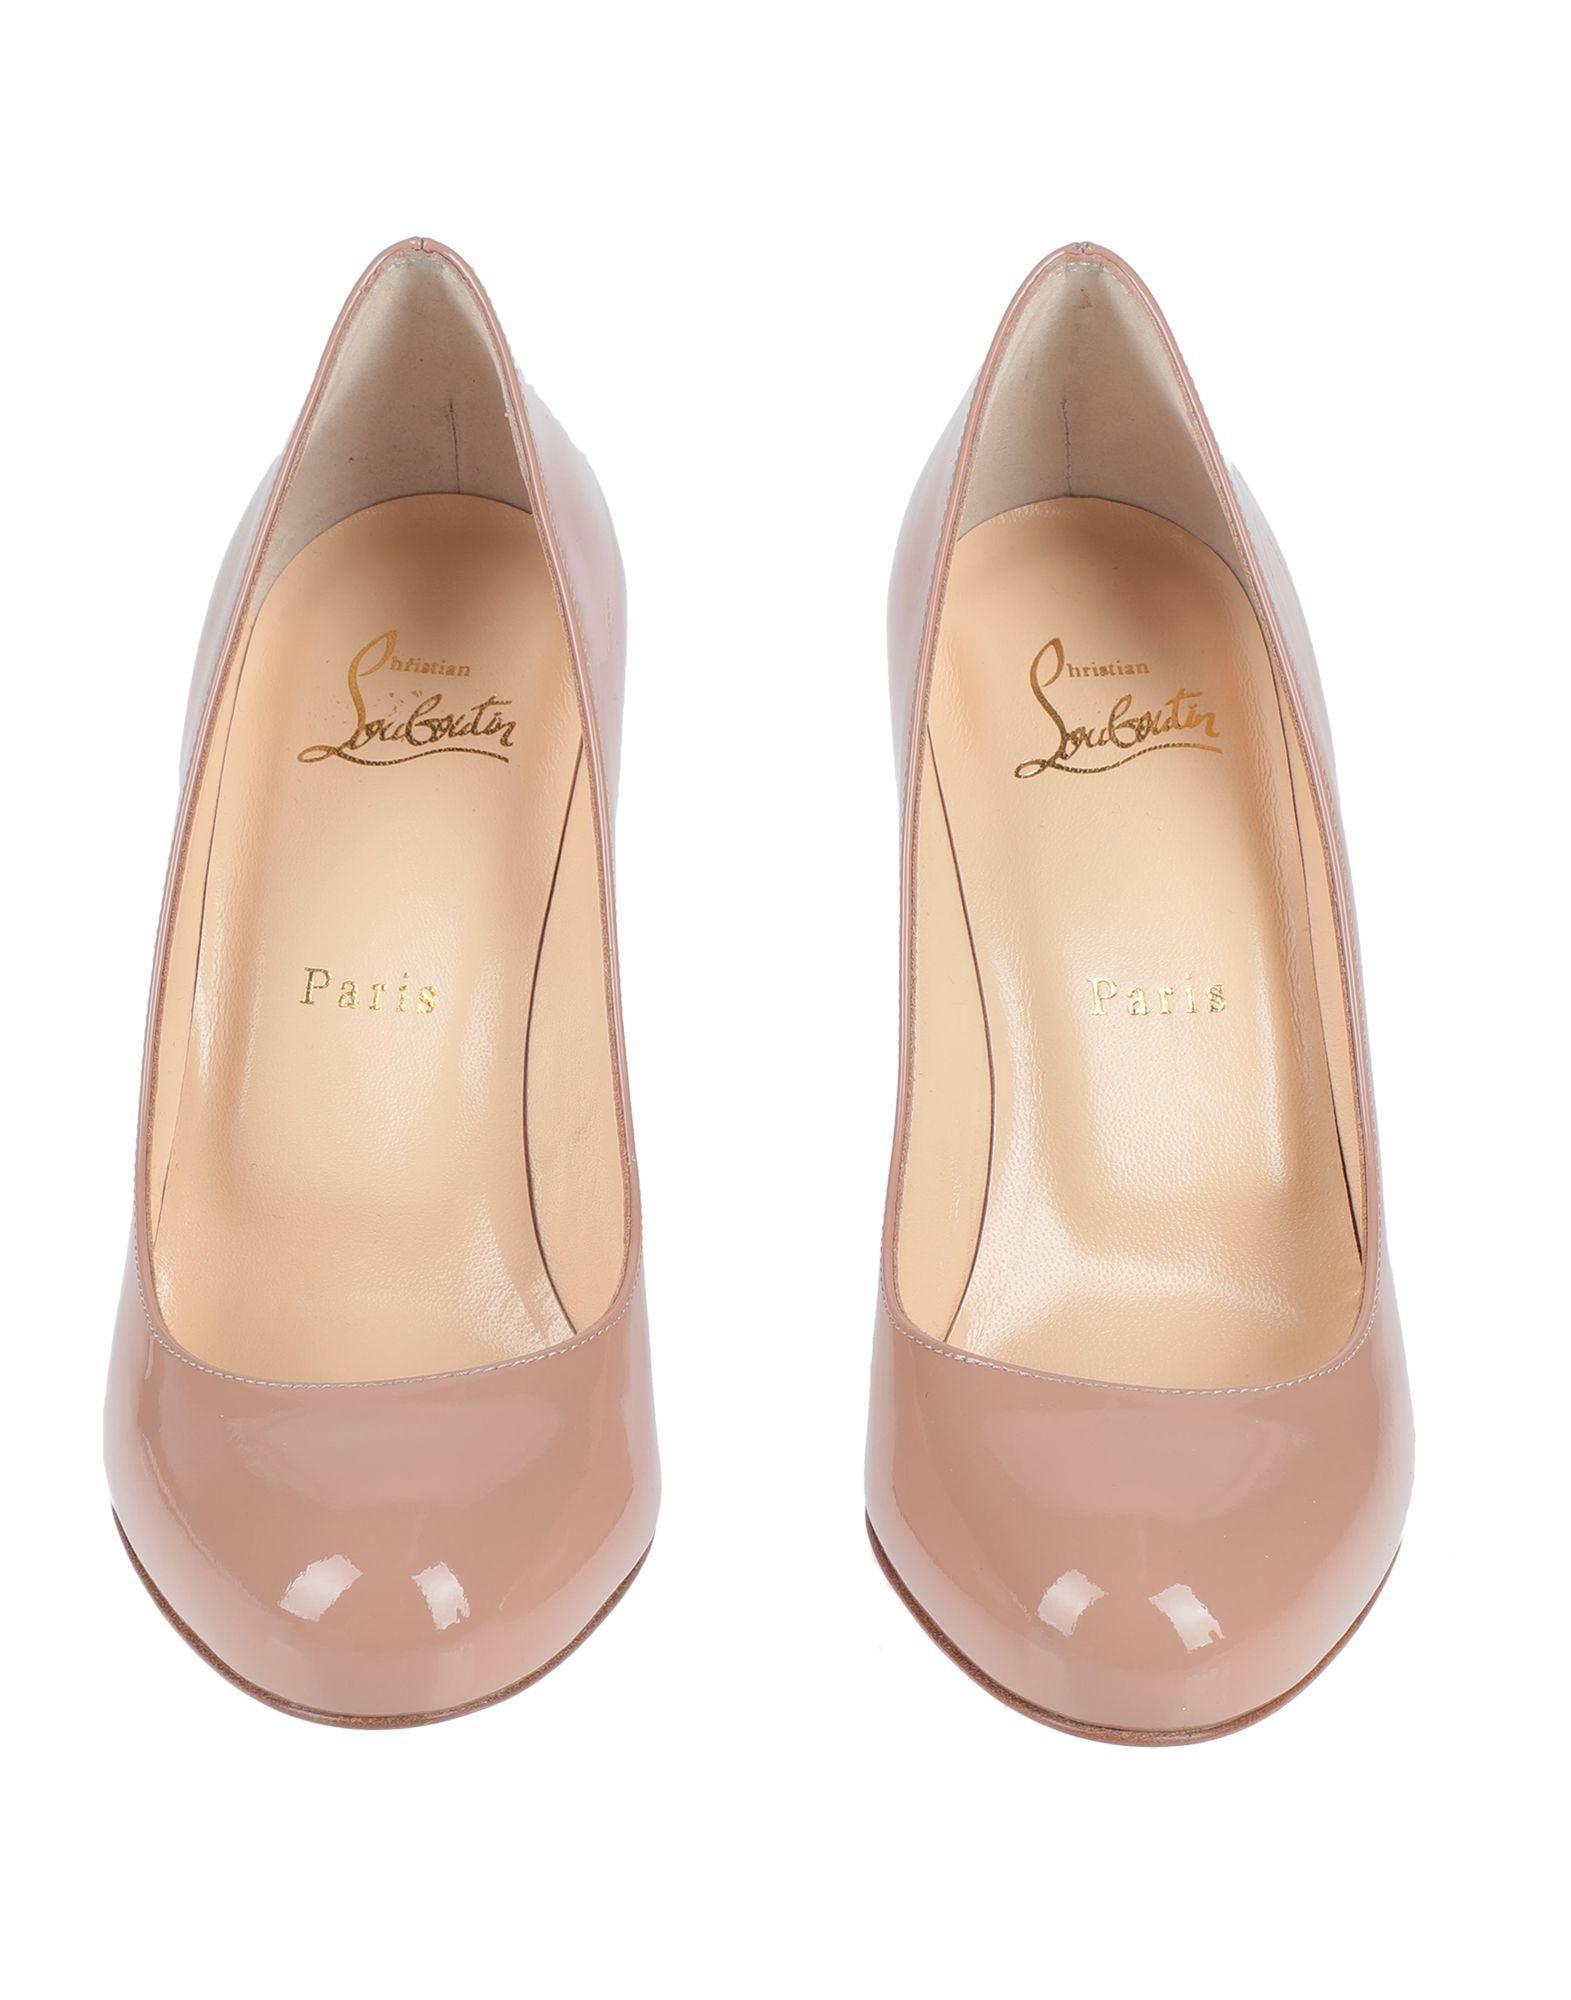 Zapatos de salón Christian Louboutin de Cuero de color Rosa